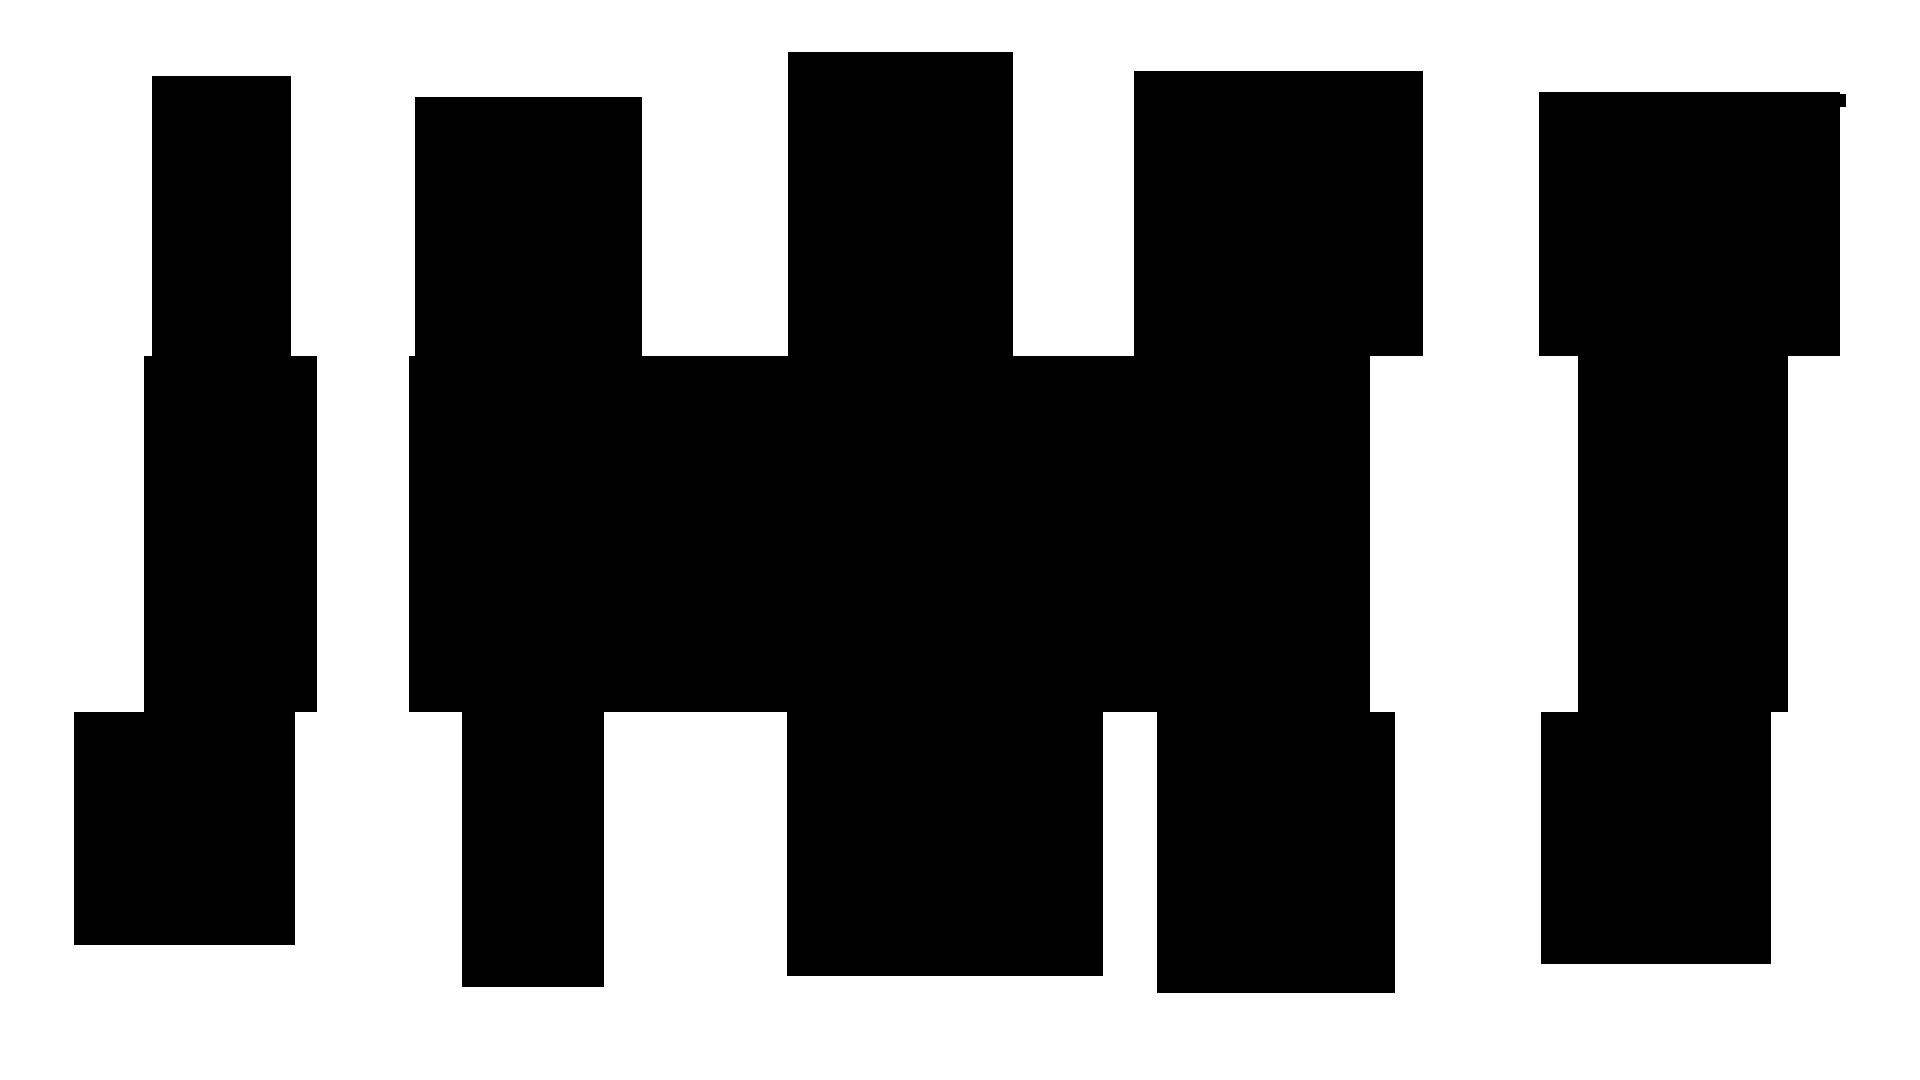 df4e53cfd601d405d69a86fba6cb6a00.png